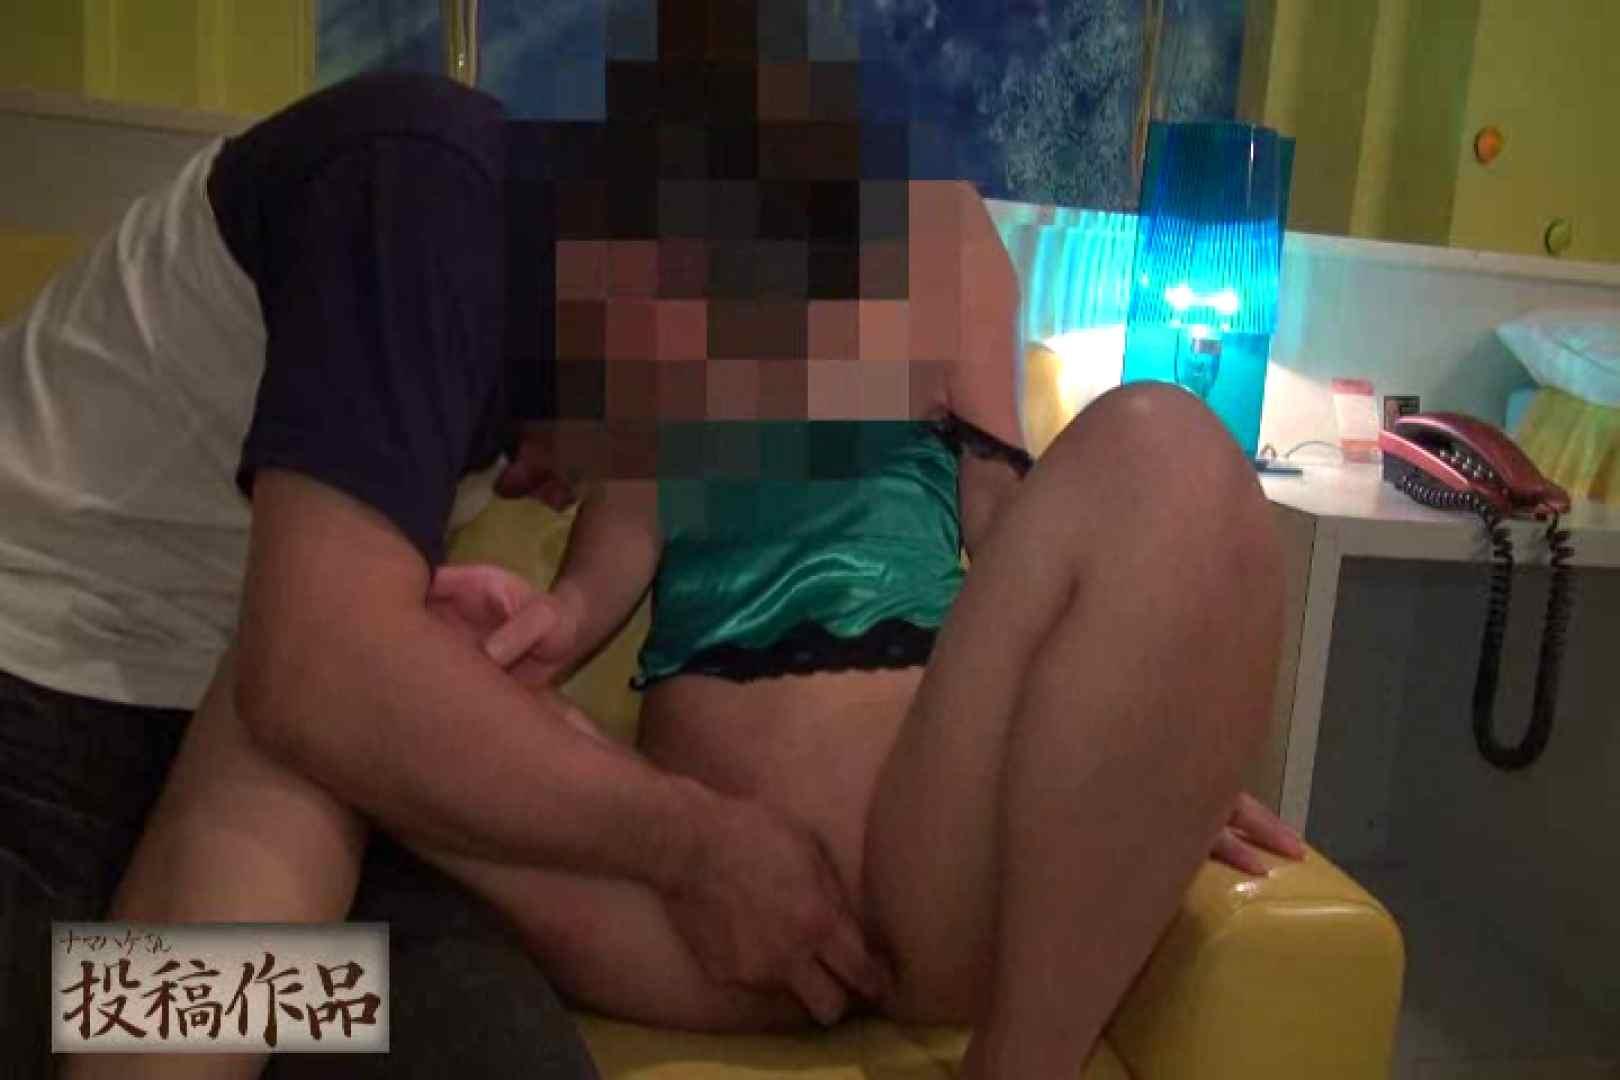 ナマハゲさんのまんこコレクション第二章 maria フェラ セックス無修正動画無料 86pic 46